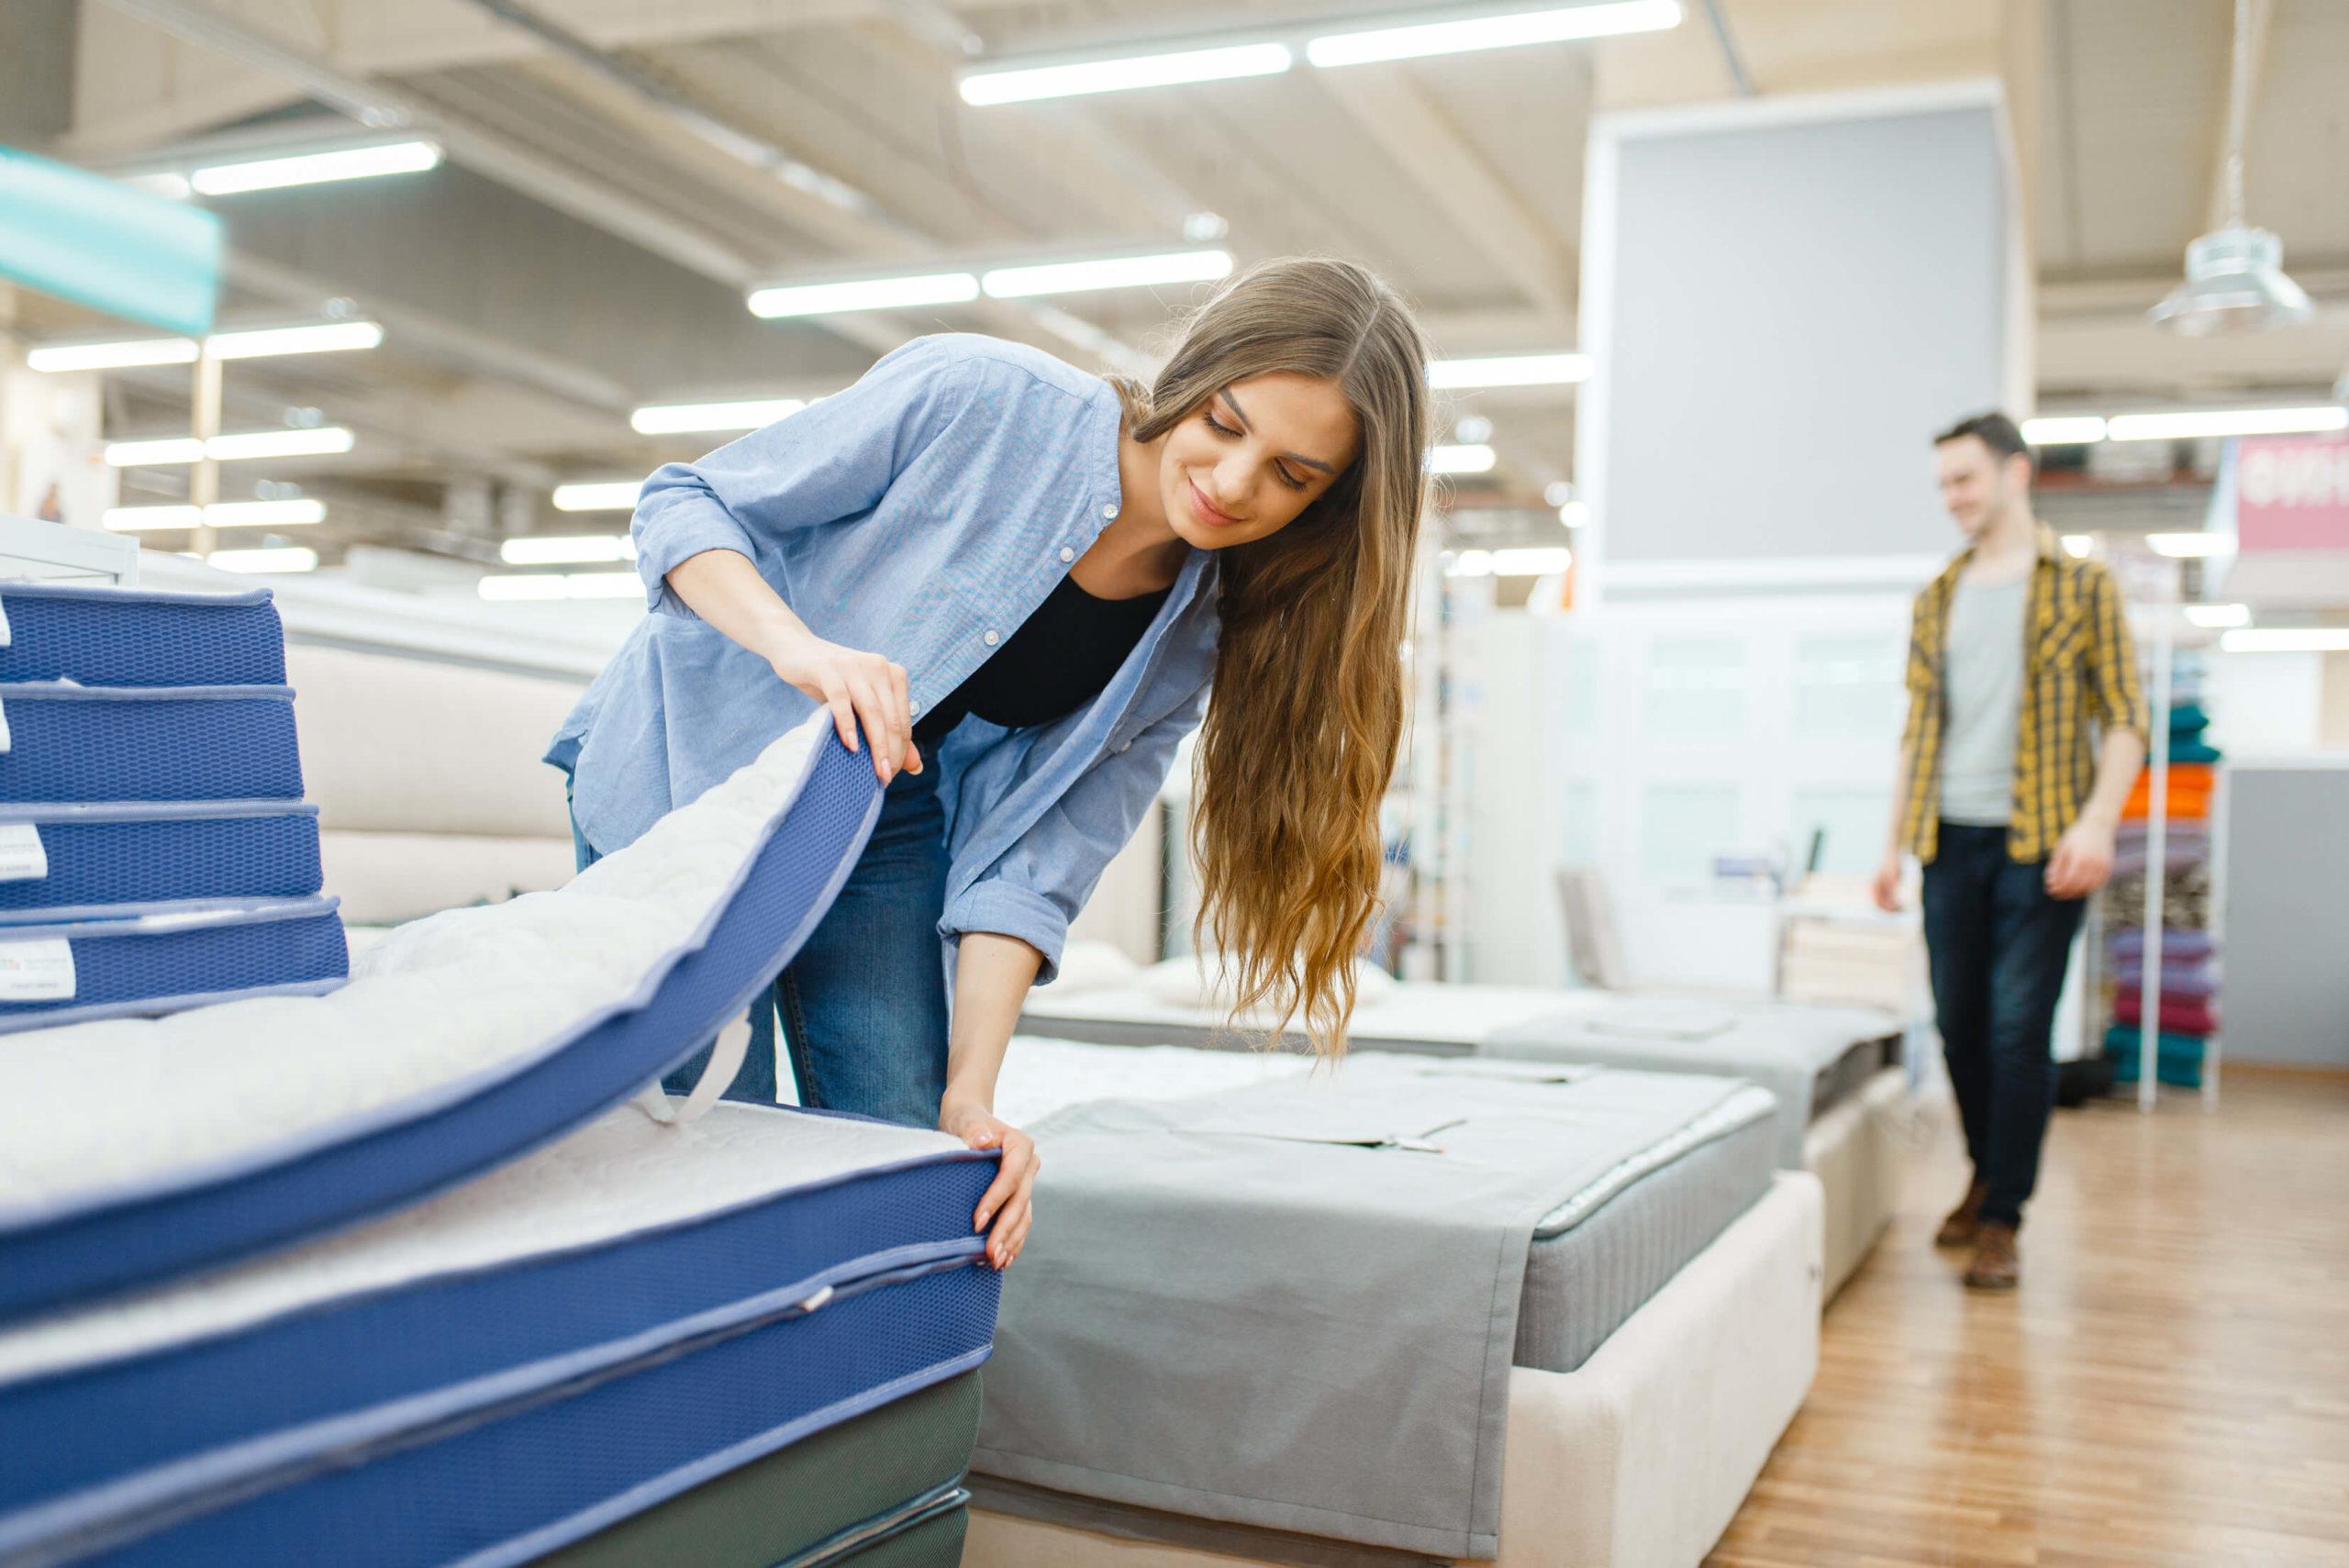 Waarom is een matras zo duur? - Bed Twijfelaars